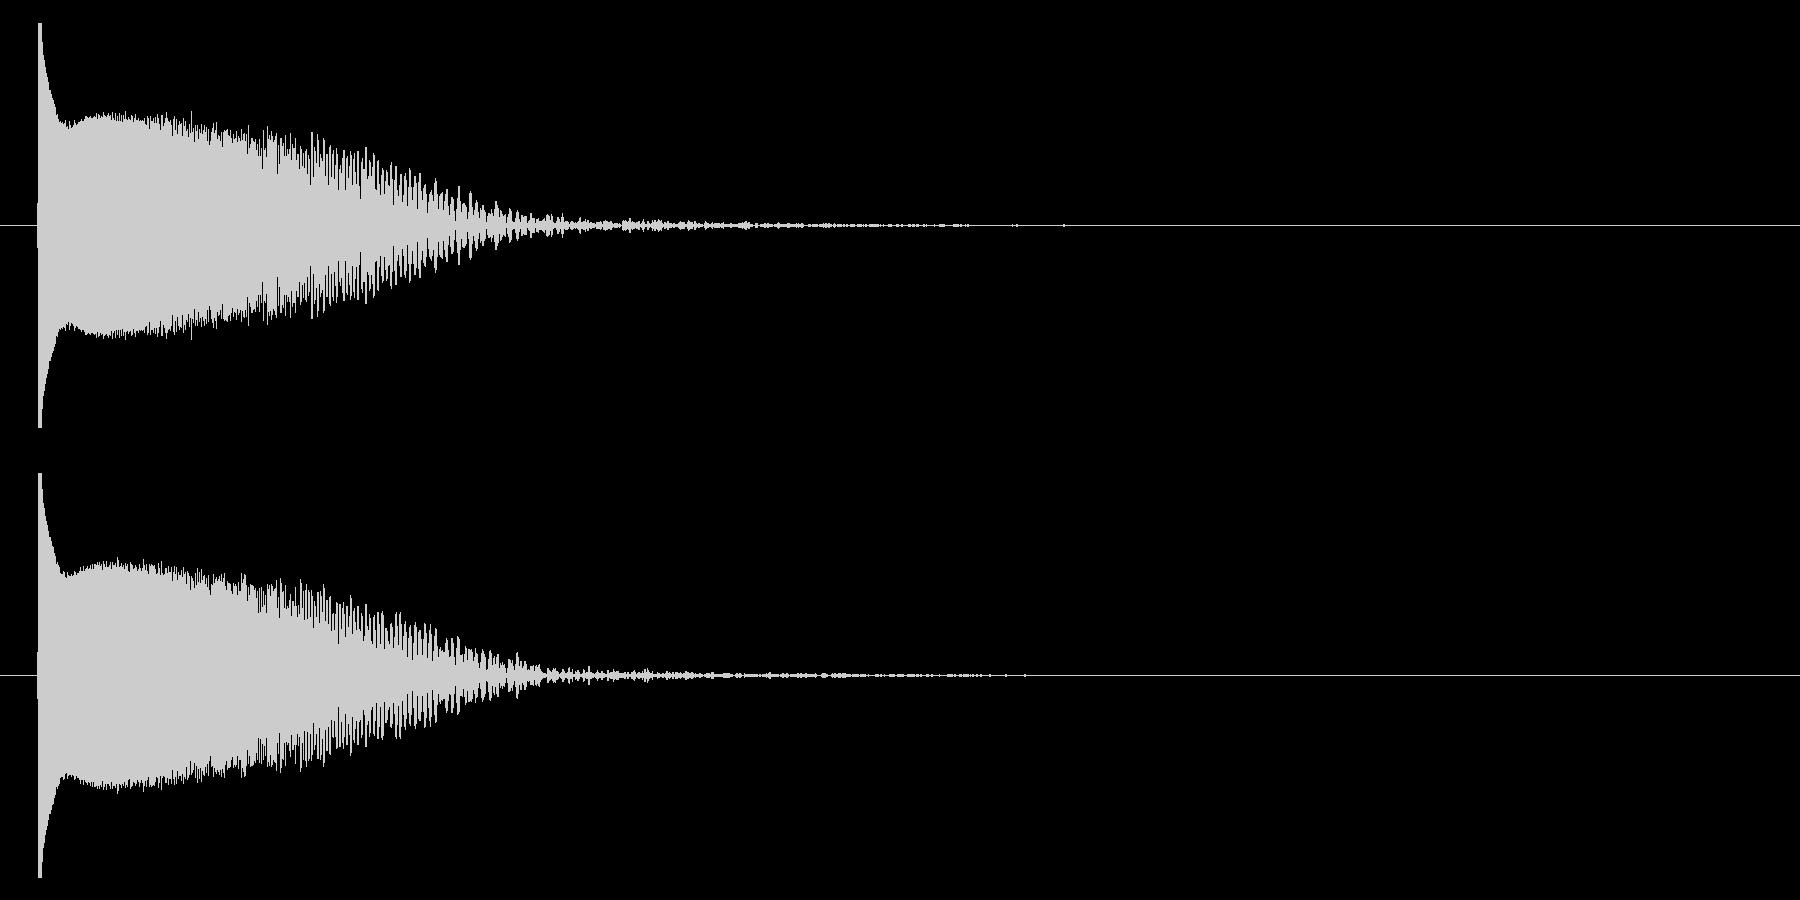 クラブ系 決定音09(プチュン)の未再生の波形